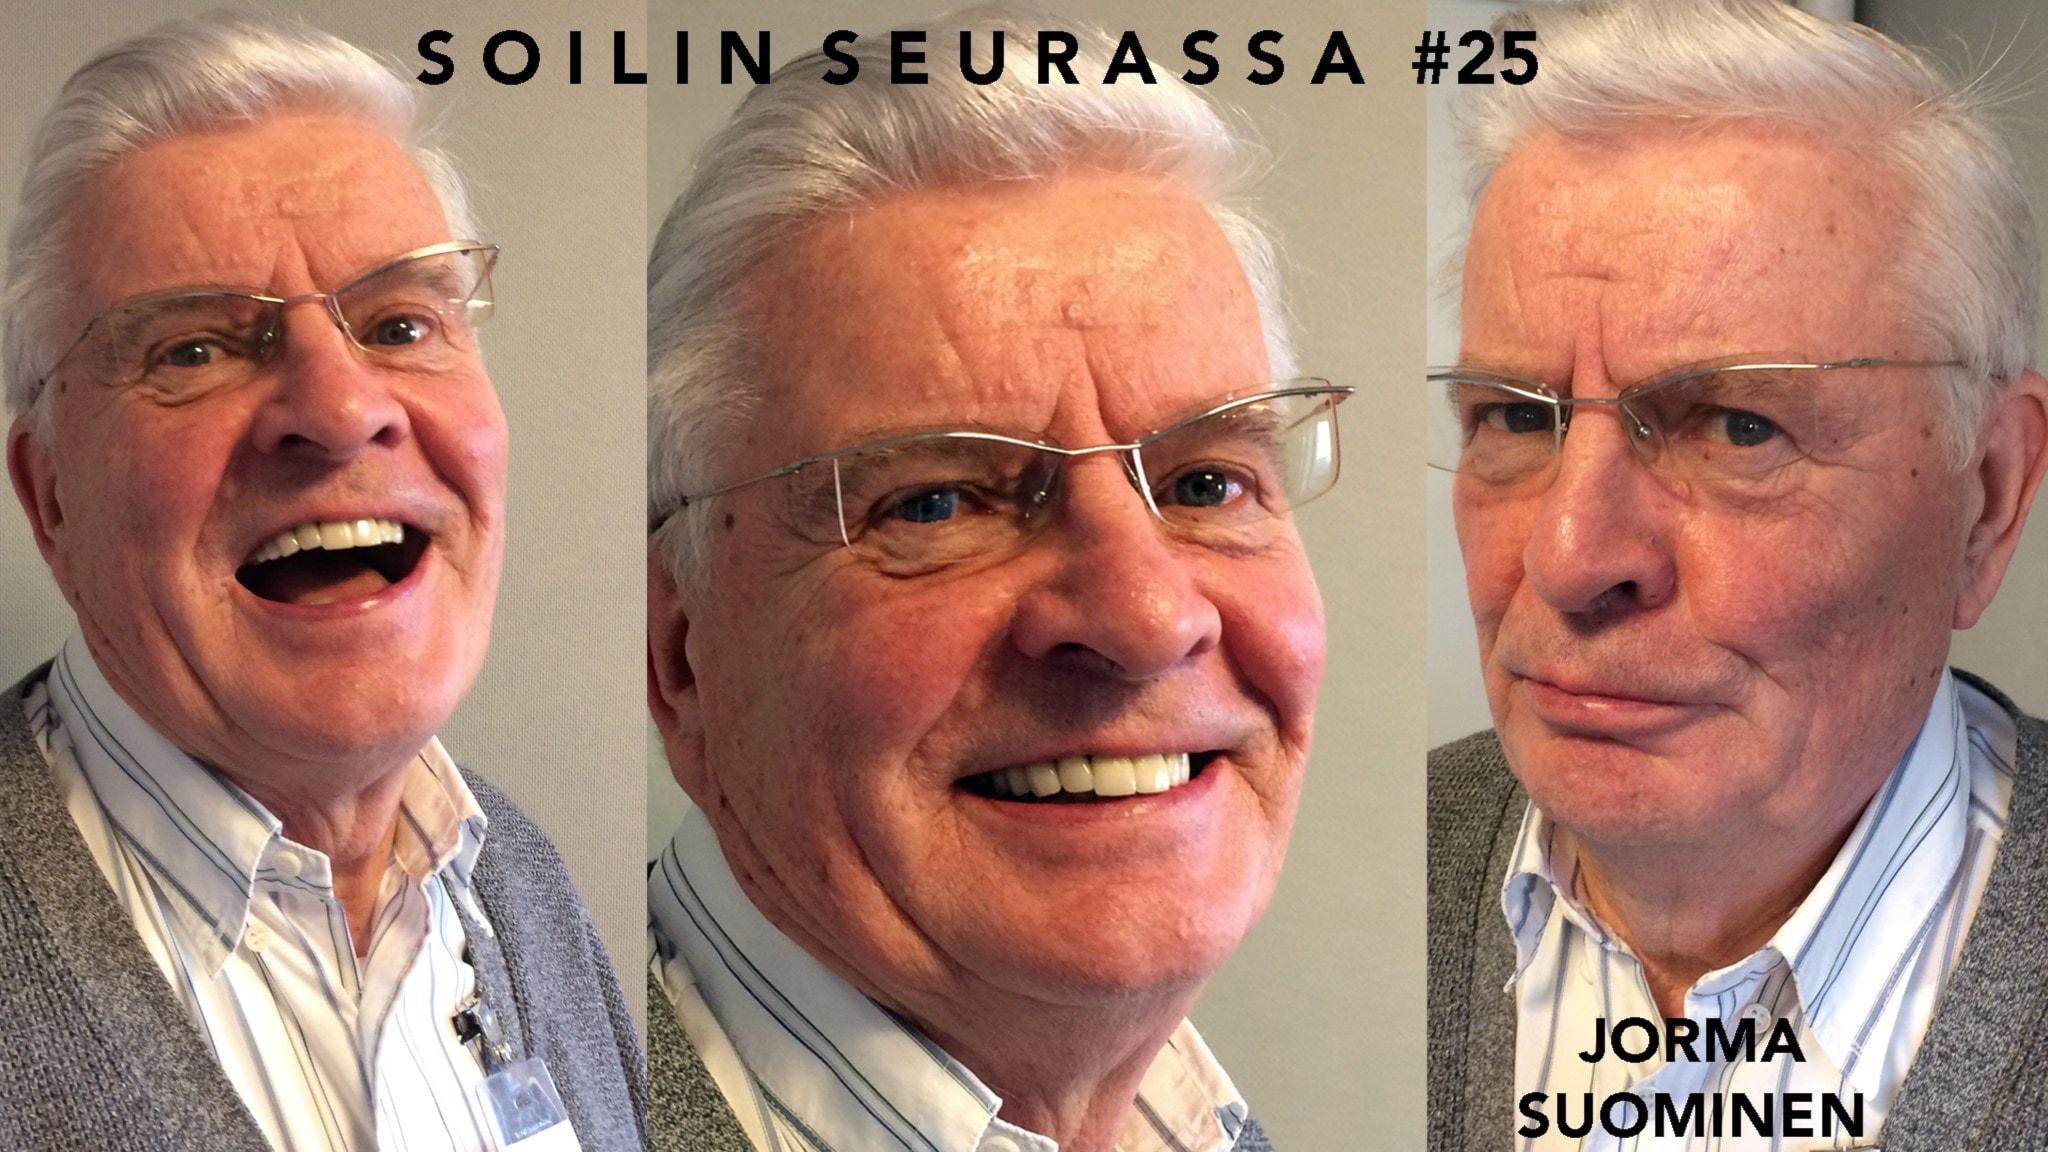 Soilin seurassa yrittäjä ja muusikko Jorma Suominen Tukholmasta kertoo elämänsä bluesin